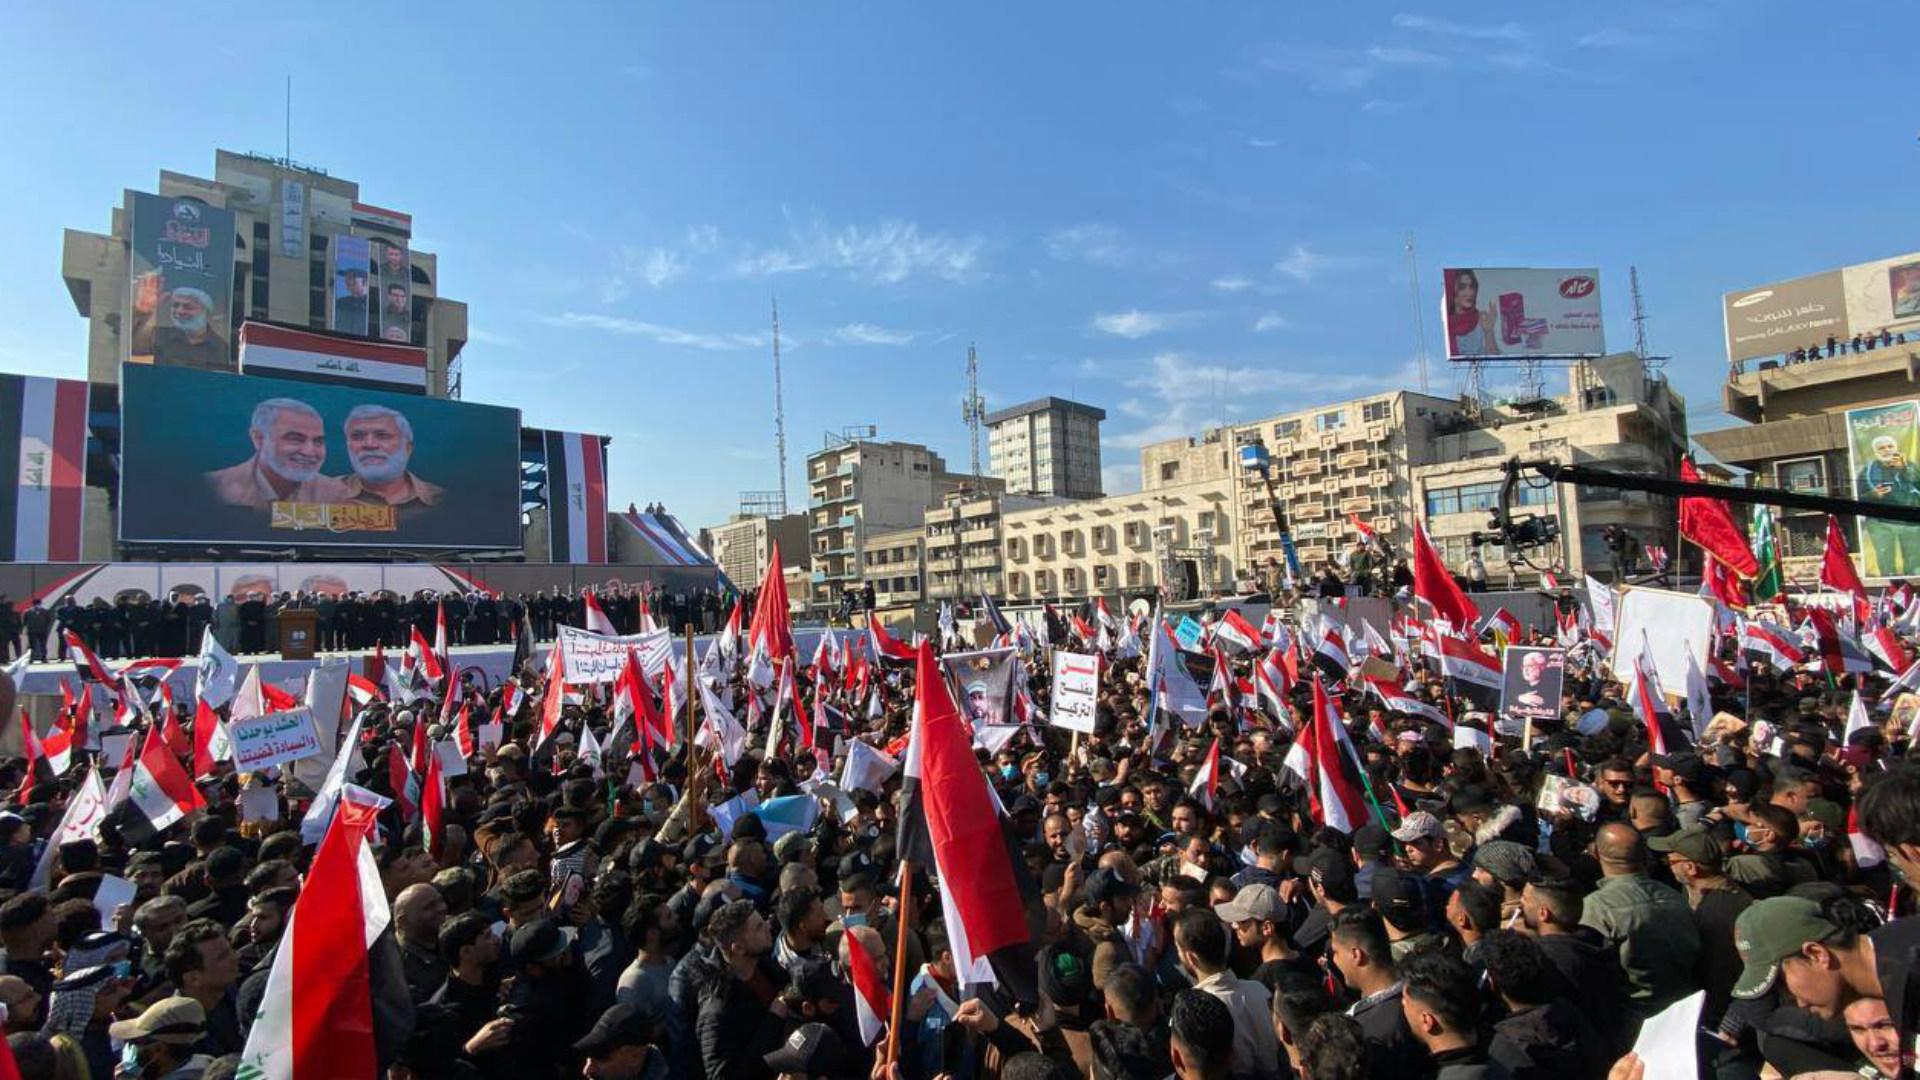 آلاف المتظاهرين يحيون سنوية اغتيال المهندس وسليماني